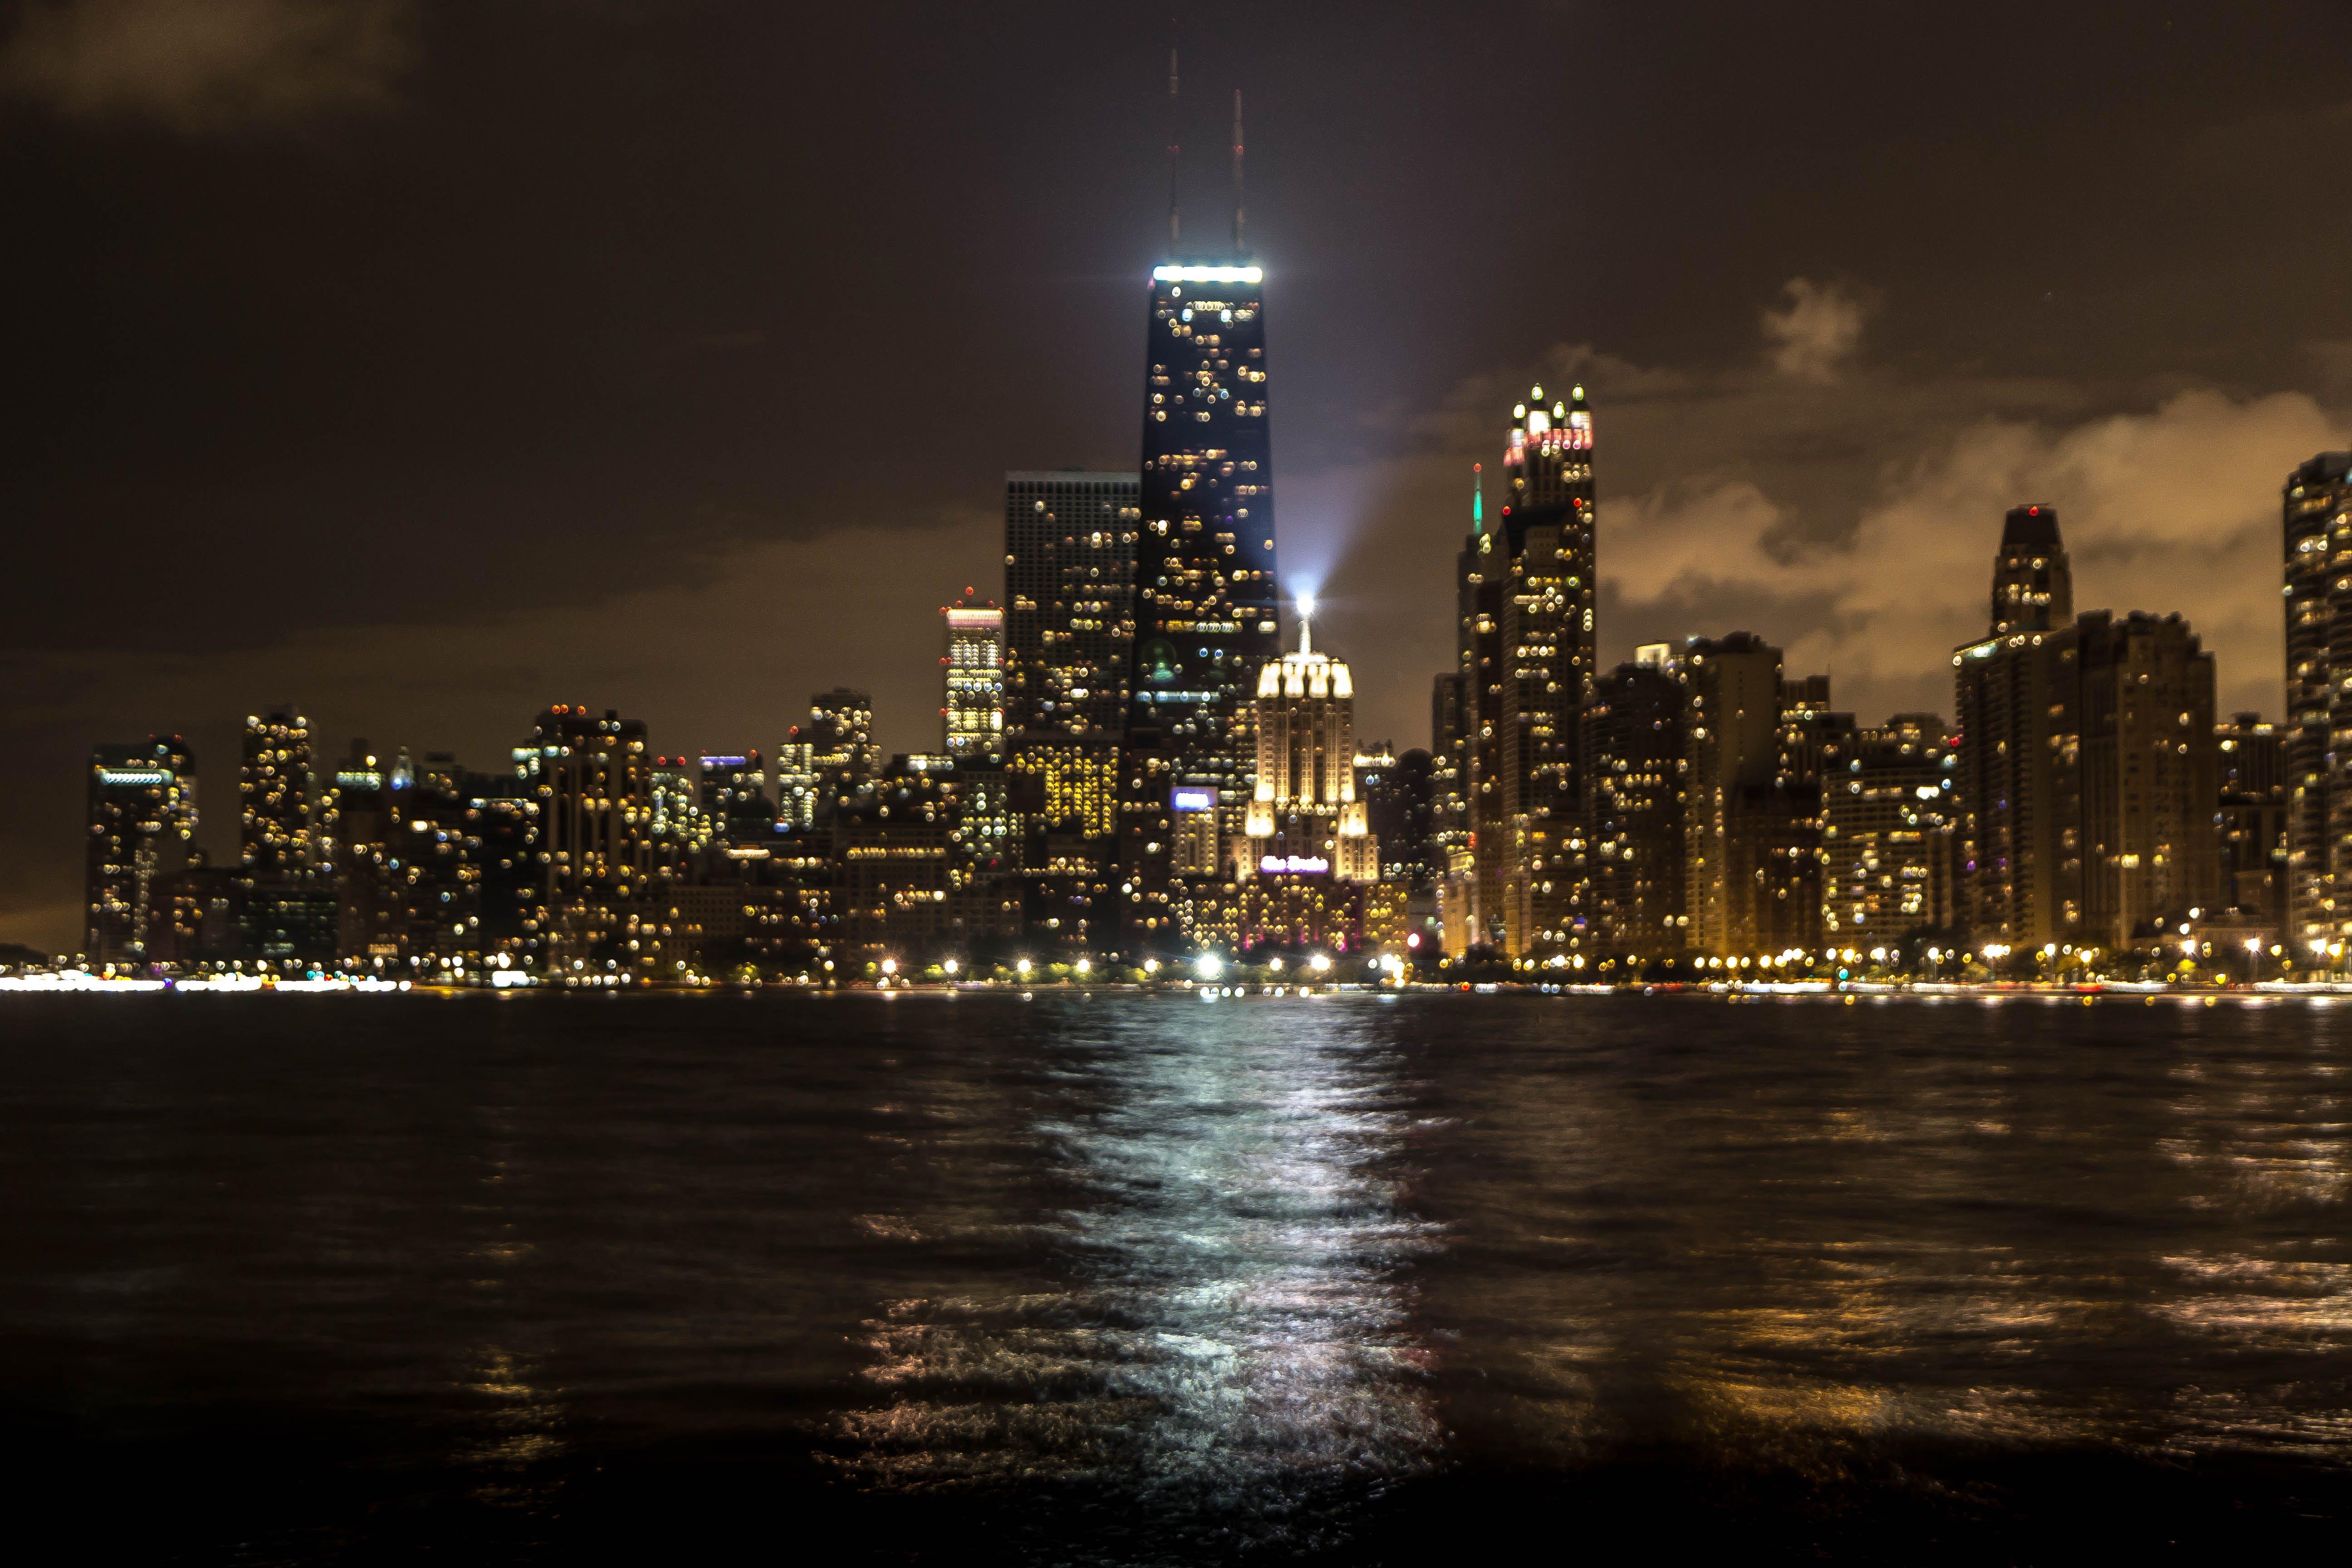 Kostenloses Stock Foto zu stadt, nacht, lichter der stadt, leuchtfeuer